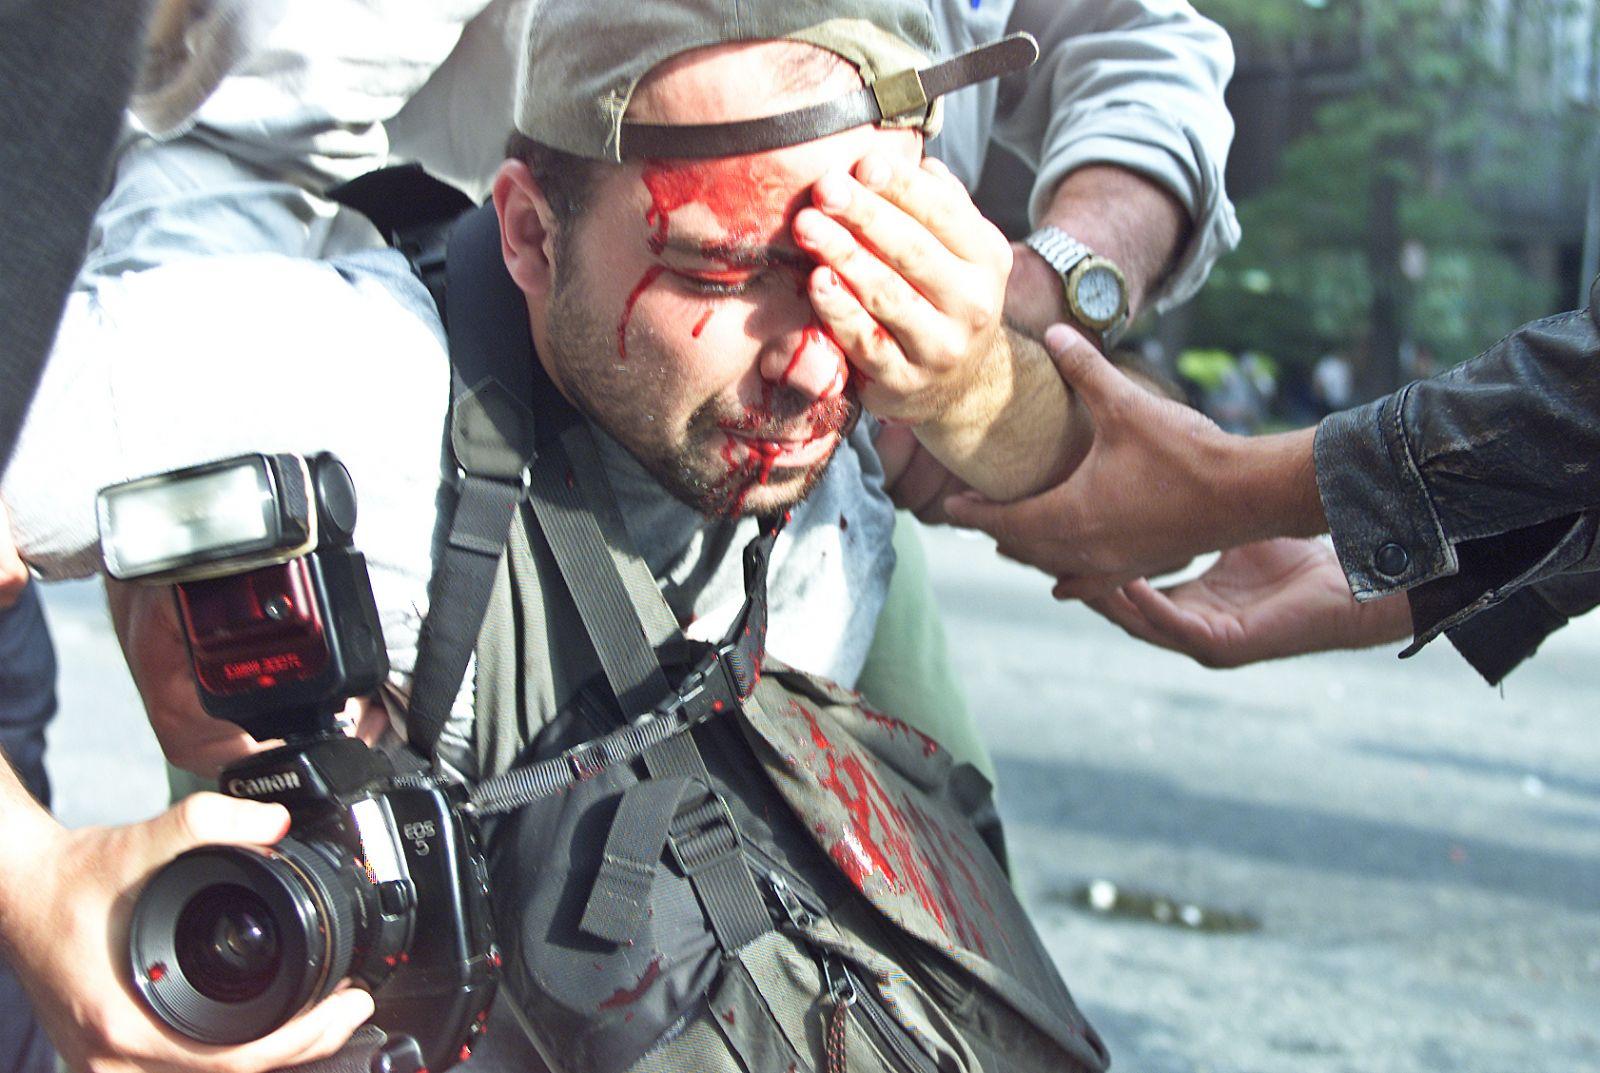 Em 2000, Alex Silveira foi socorrido pelos manifestantes após ter sido atingido por bala de borracha no olho esquerdo / Foto: Caio Guatelli